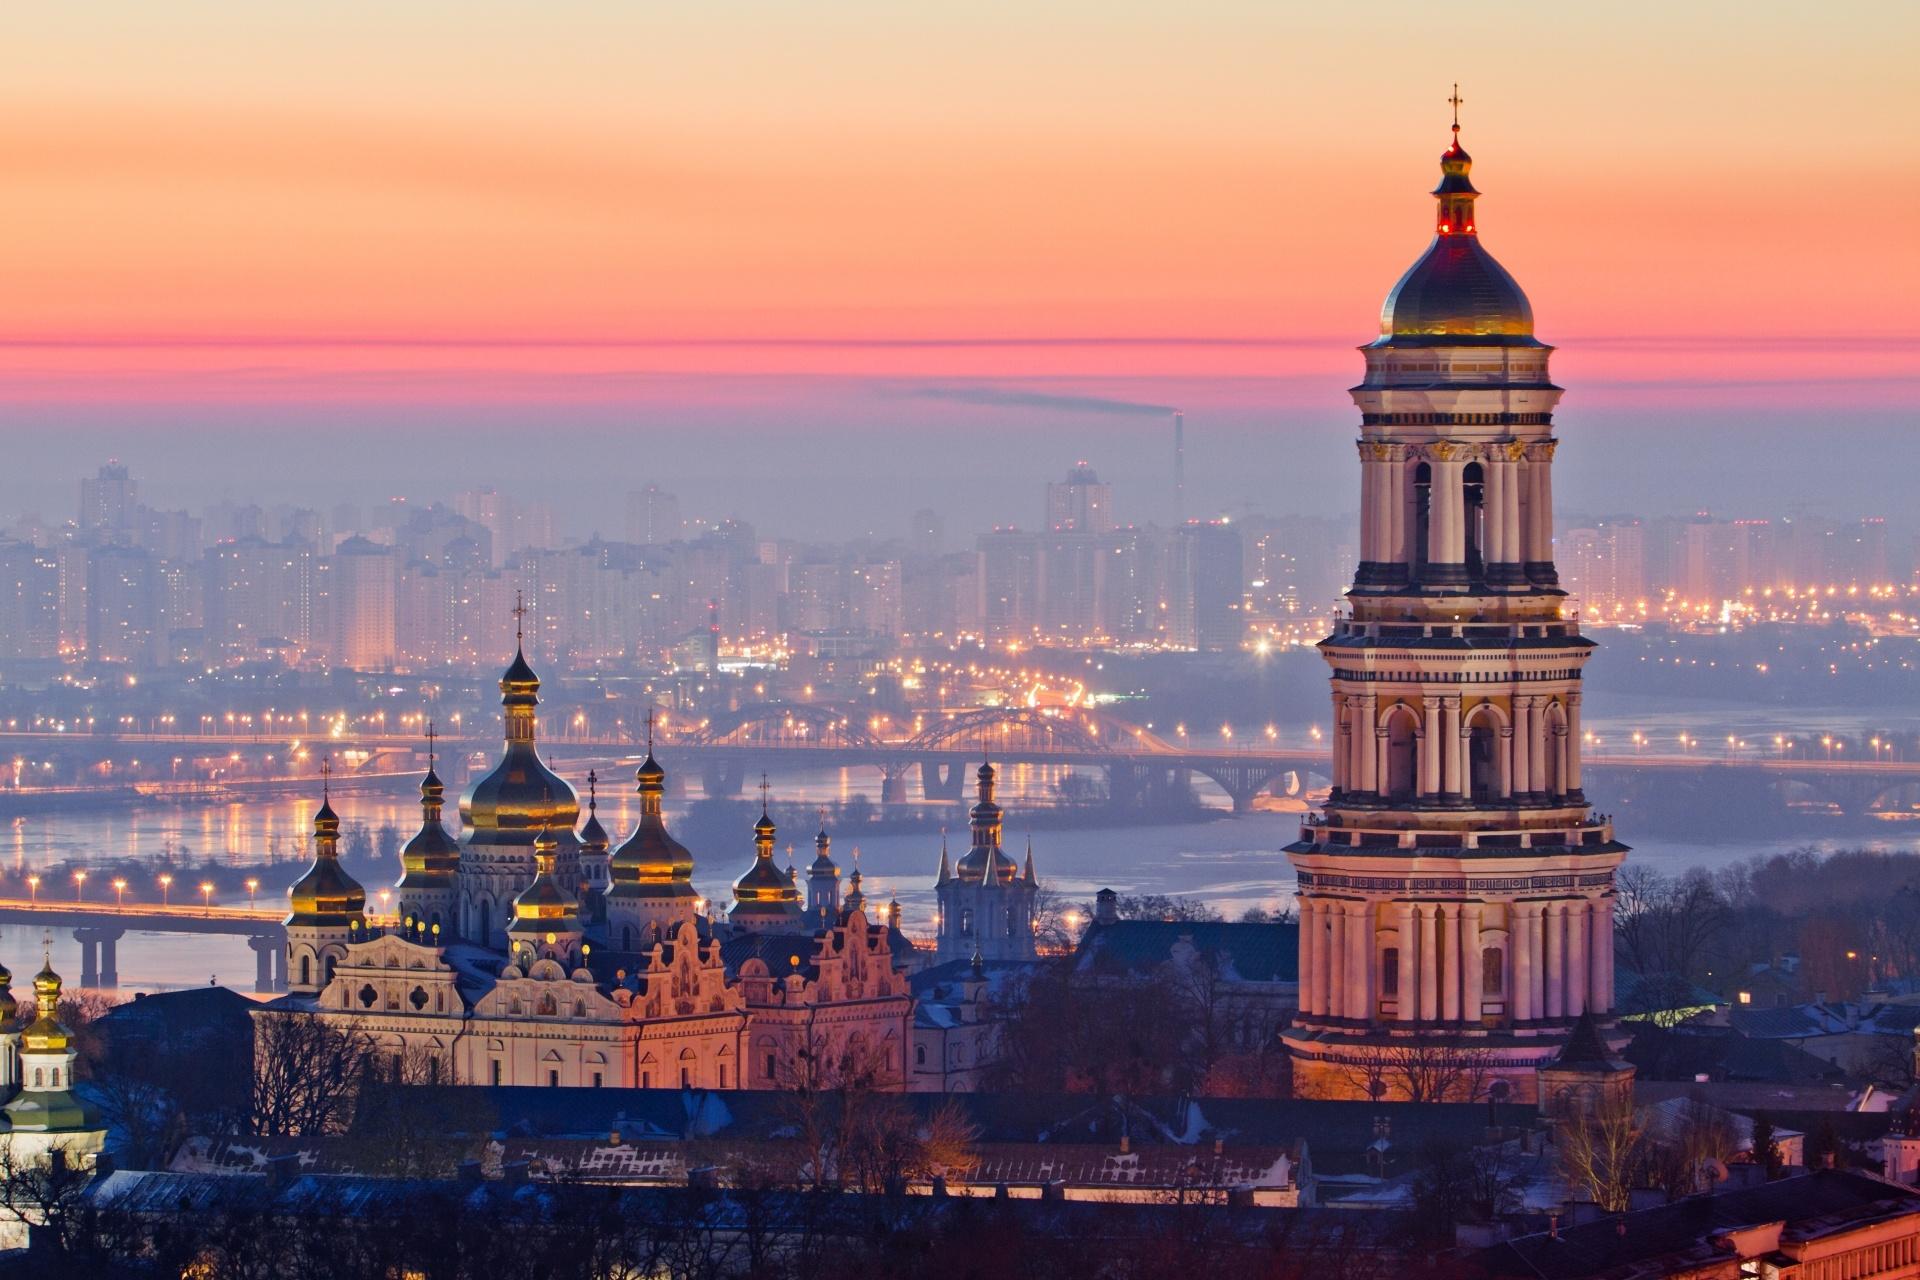 キエフ・ペチェールシク大修道院の画像 p1_9